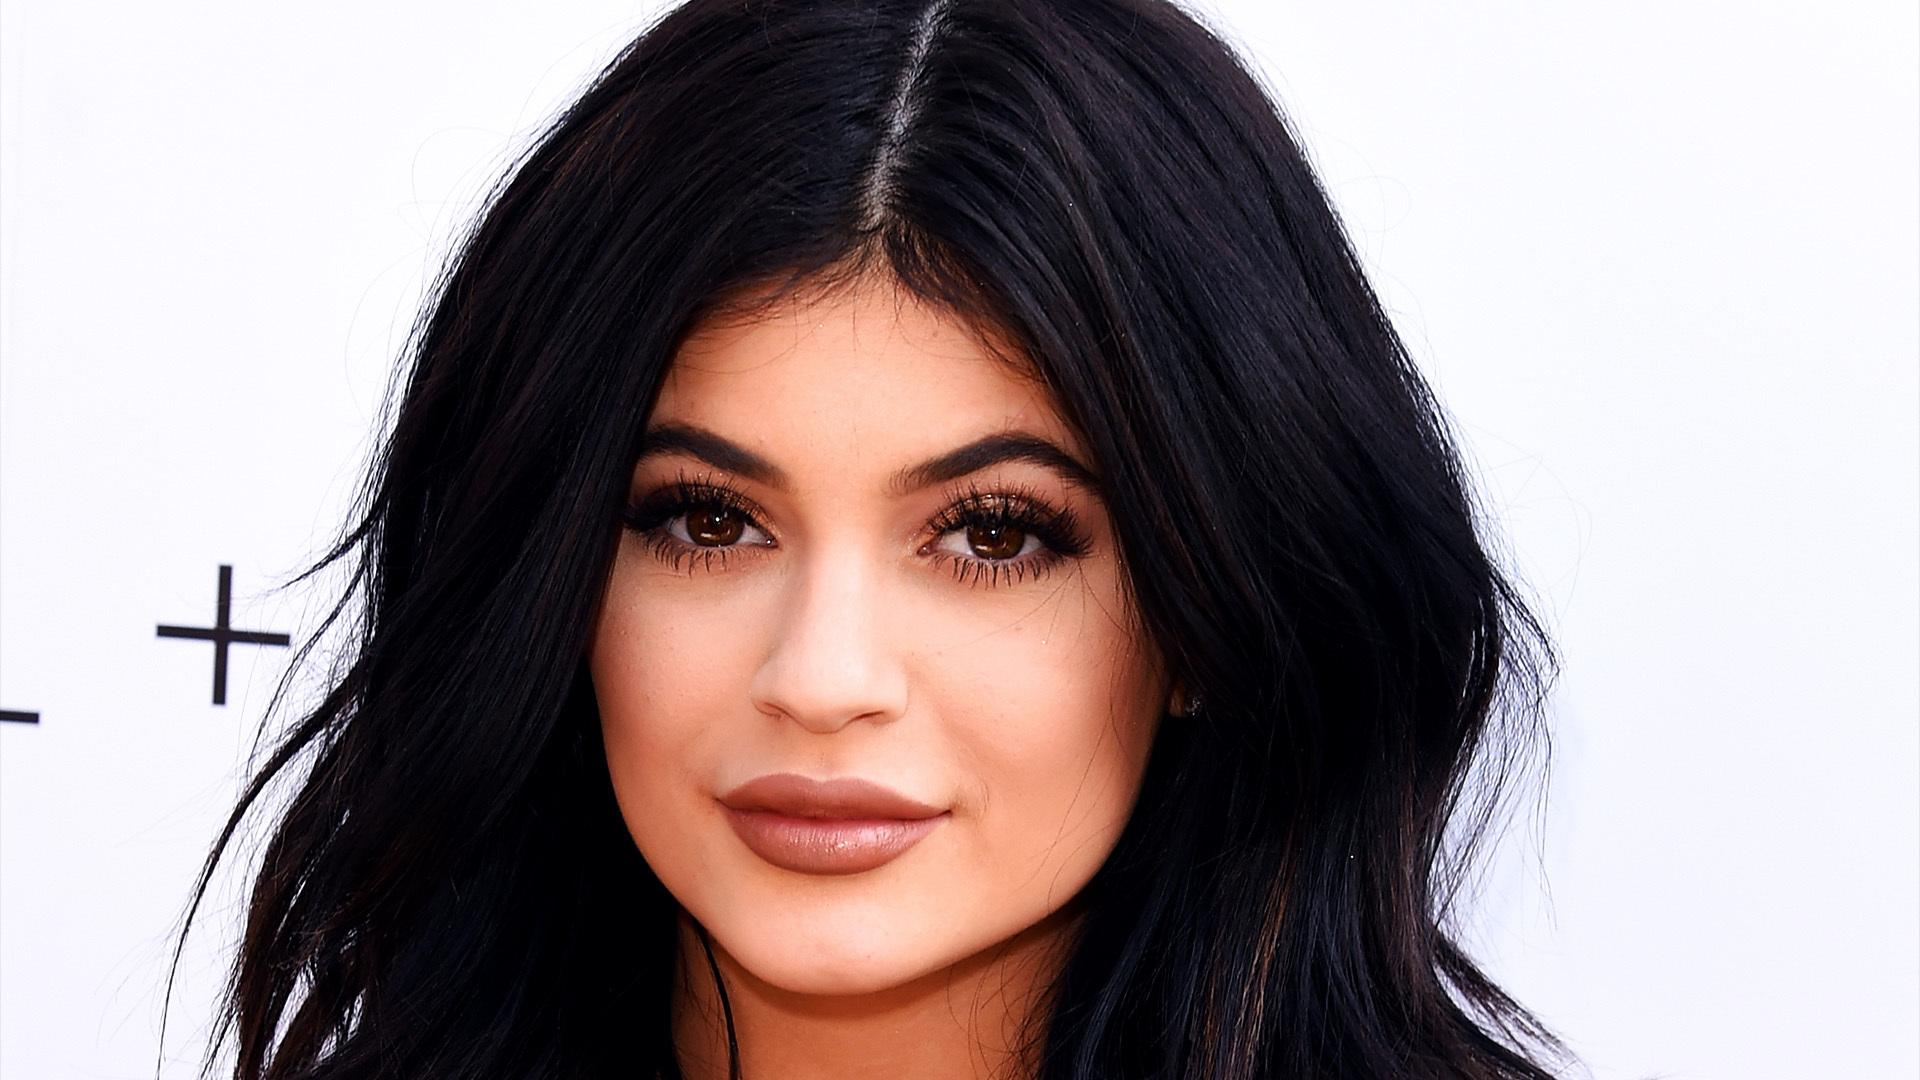 Kylie Jenner Computer Wallpaper